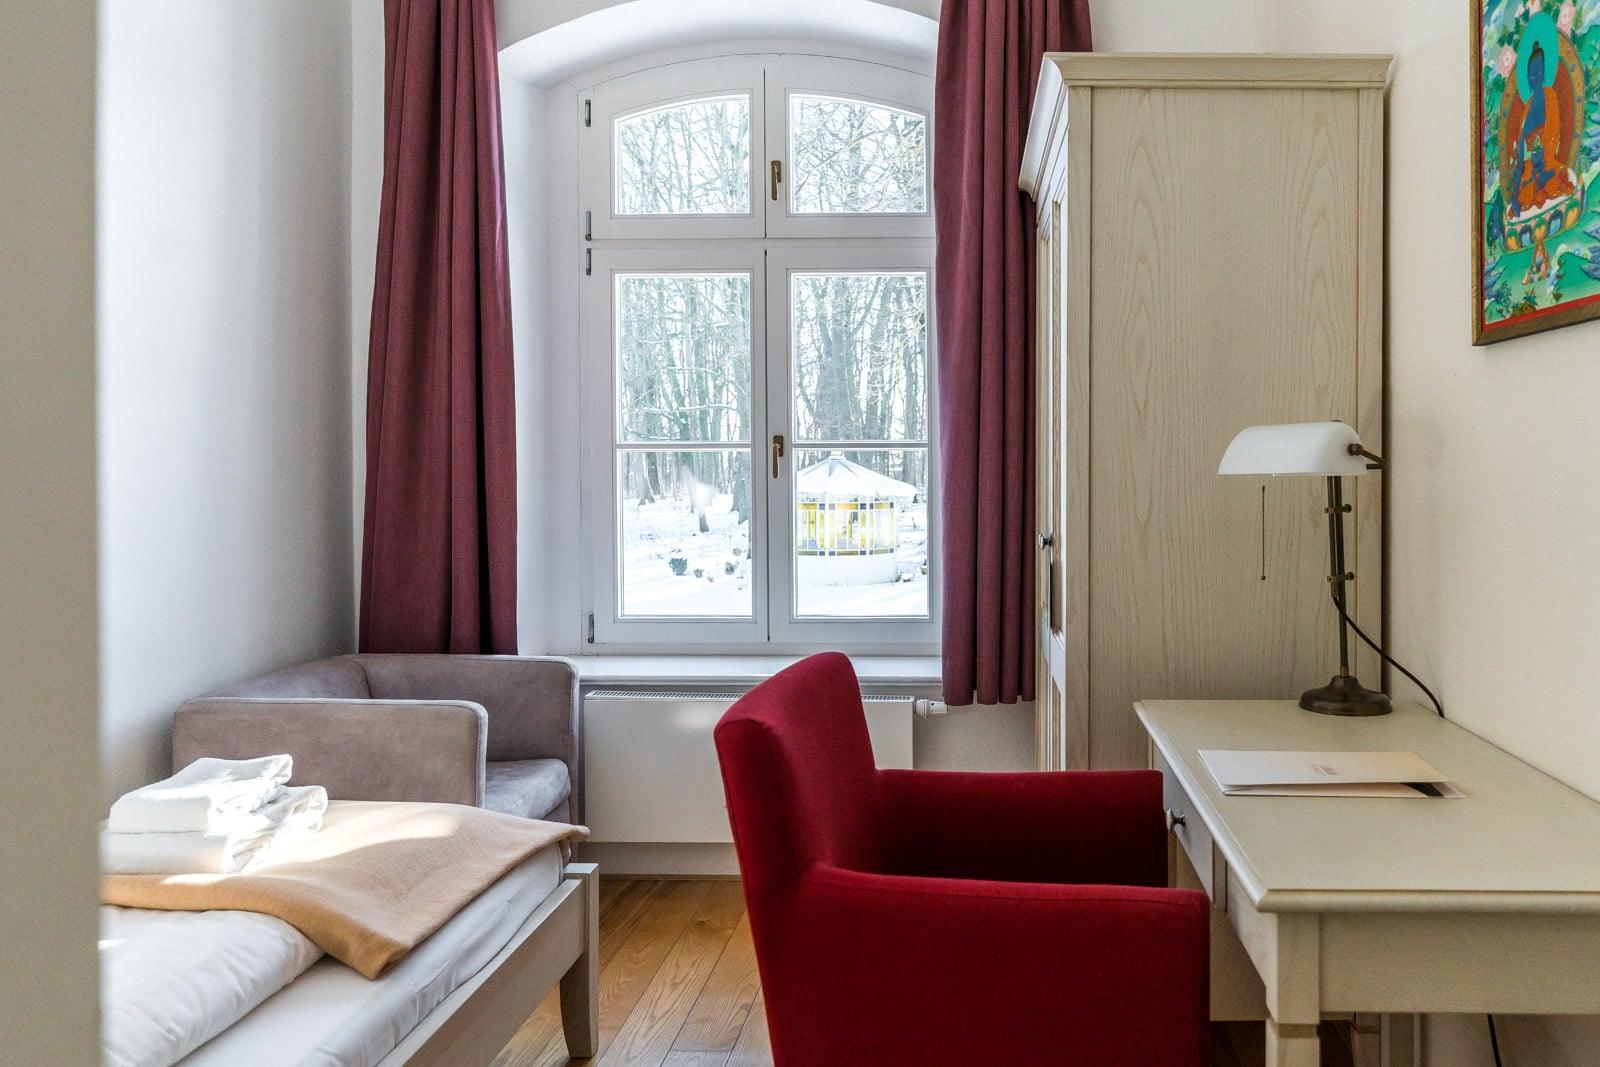 Einzelzimmer-classic-kloster-saunstorf